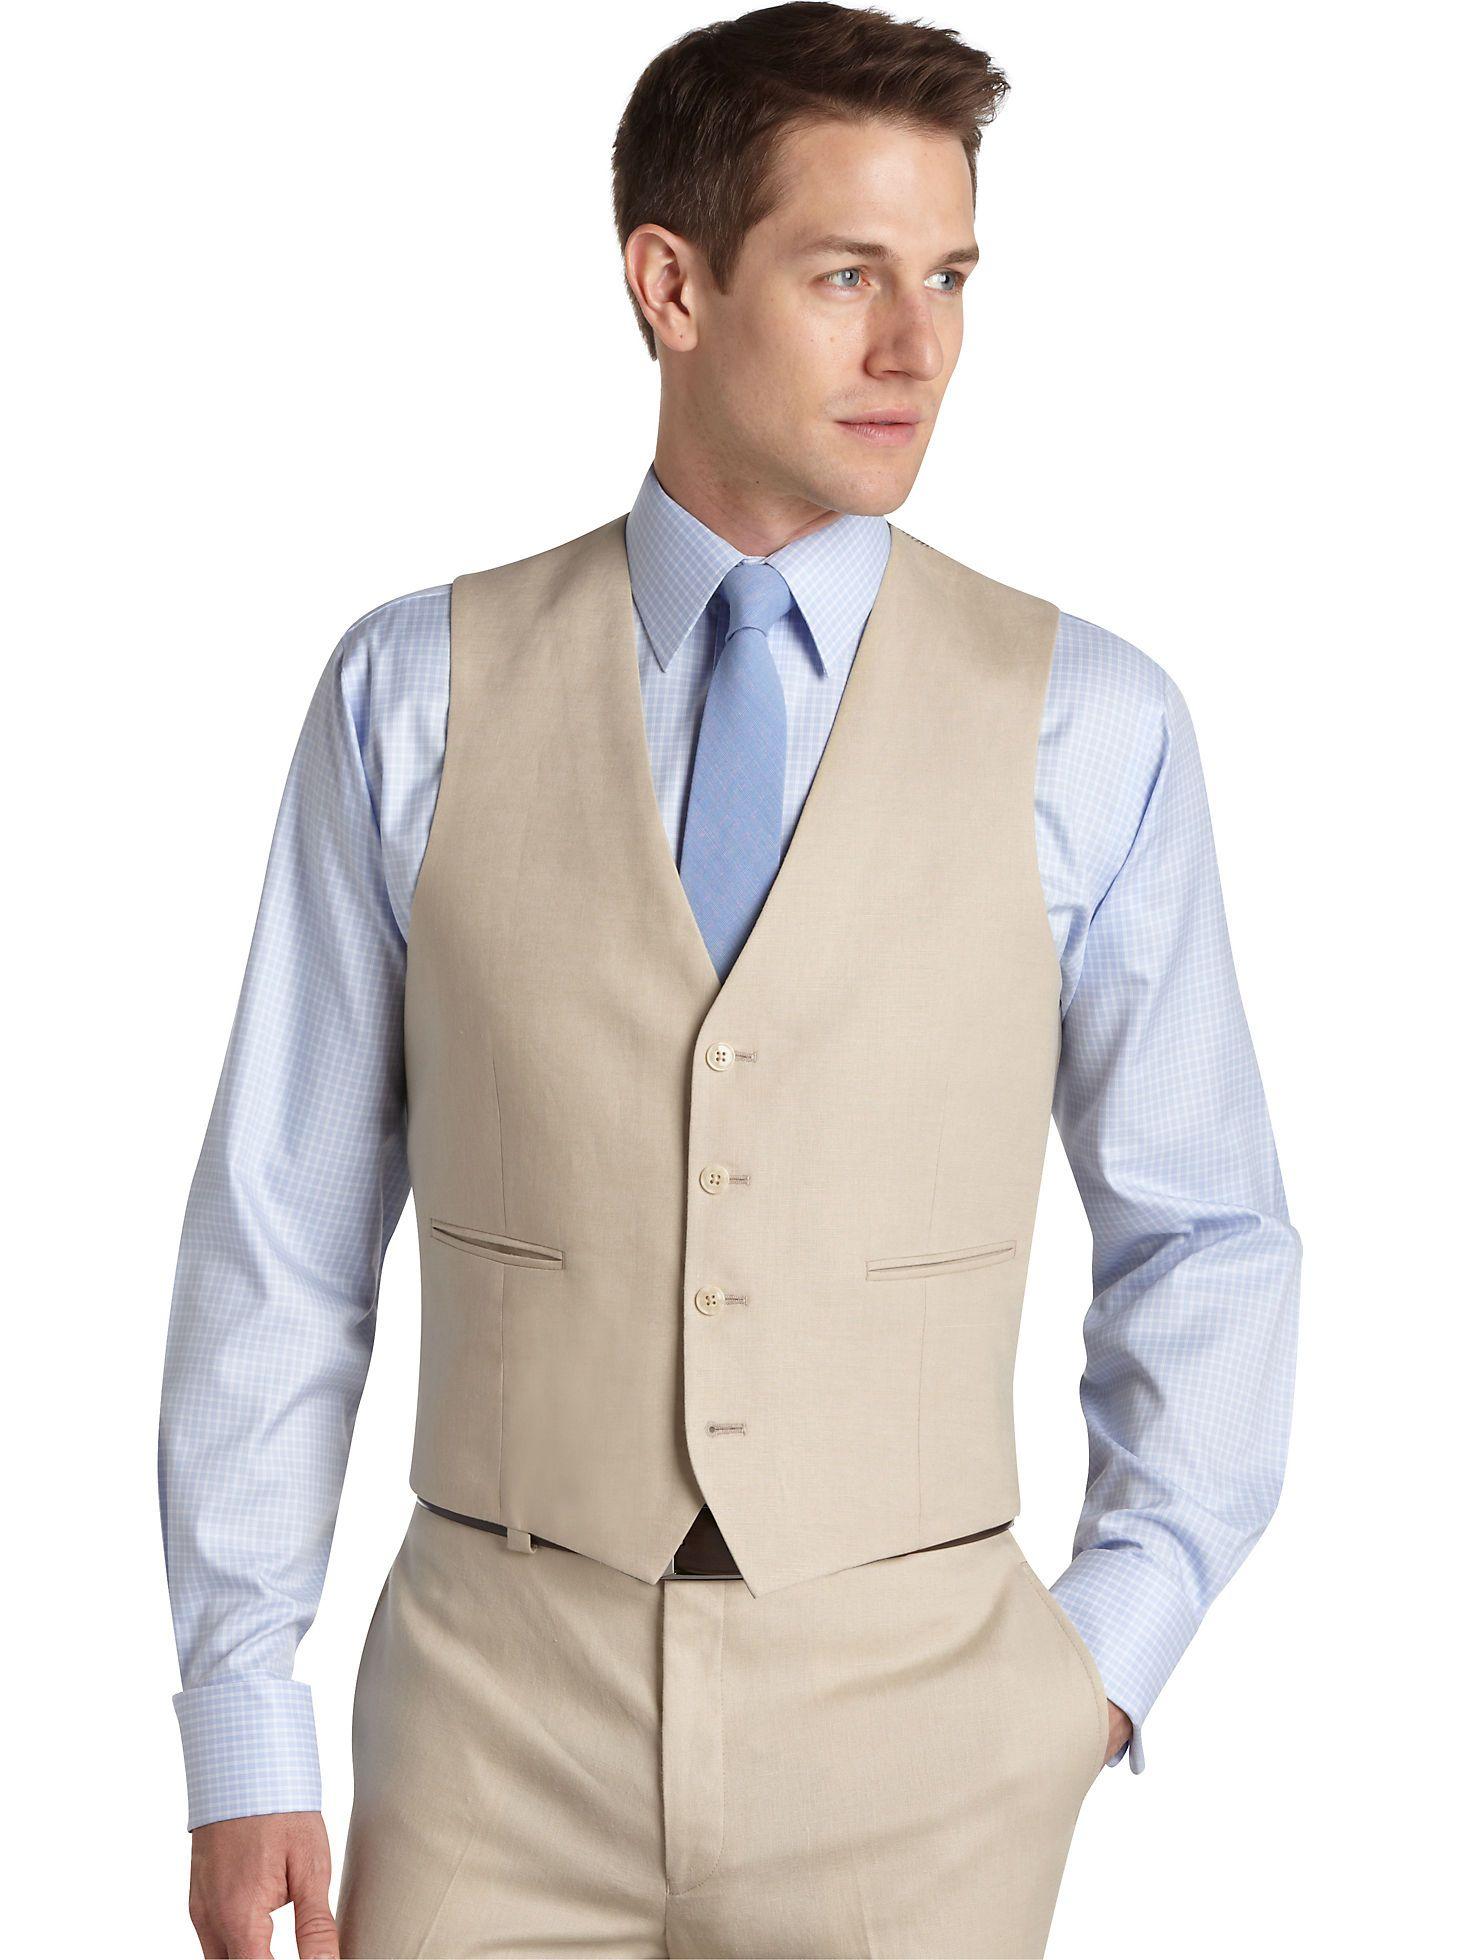 Tan Vest Blue Tie - Calvin Klein Tan Linen Suit Separates ...